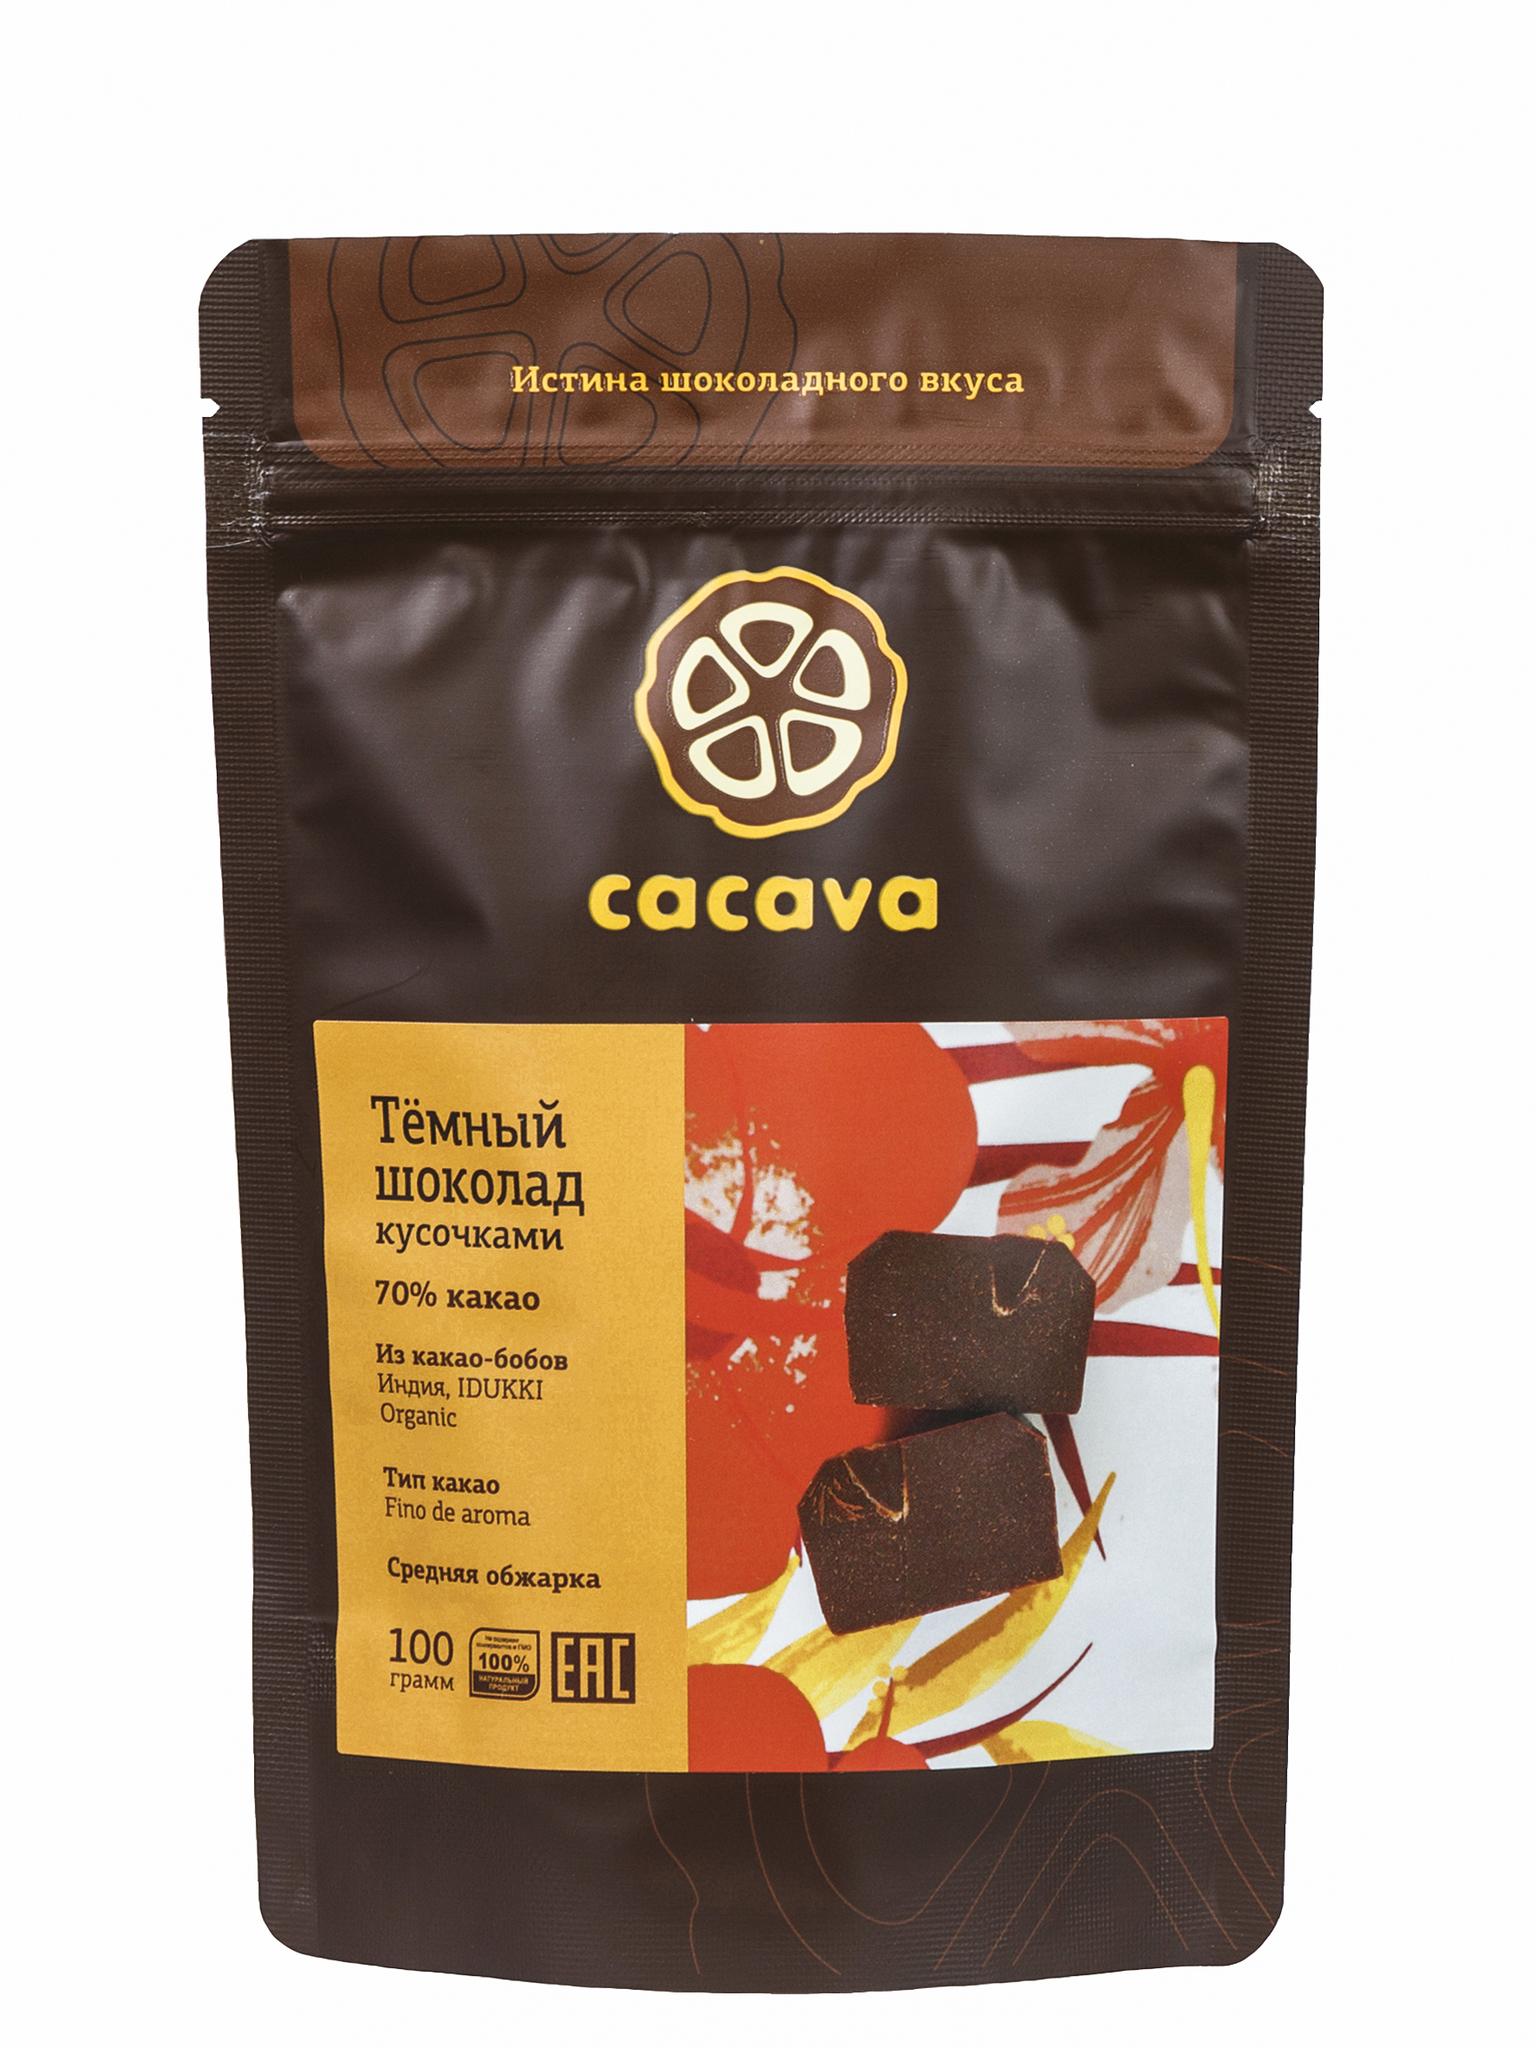 Тёмный шоколад 70 % какао (Индия, IDUKKI), упаковка 100 грамм